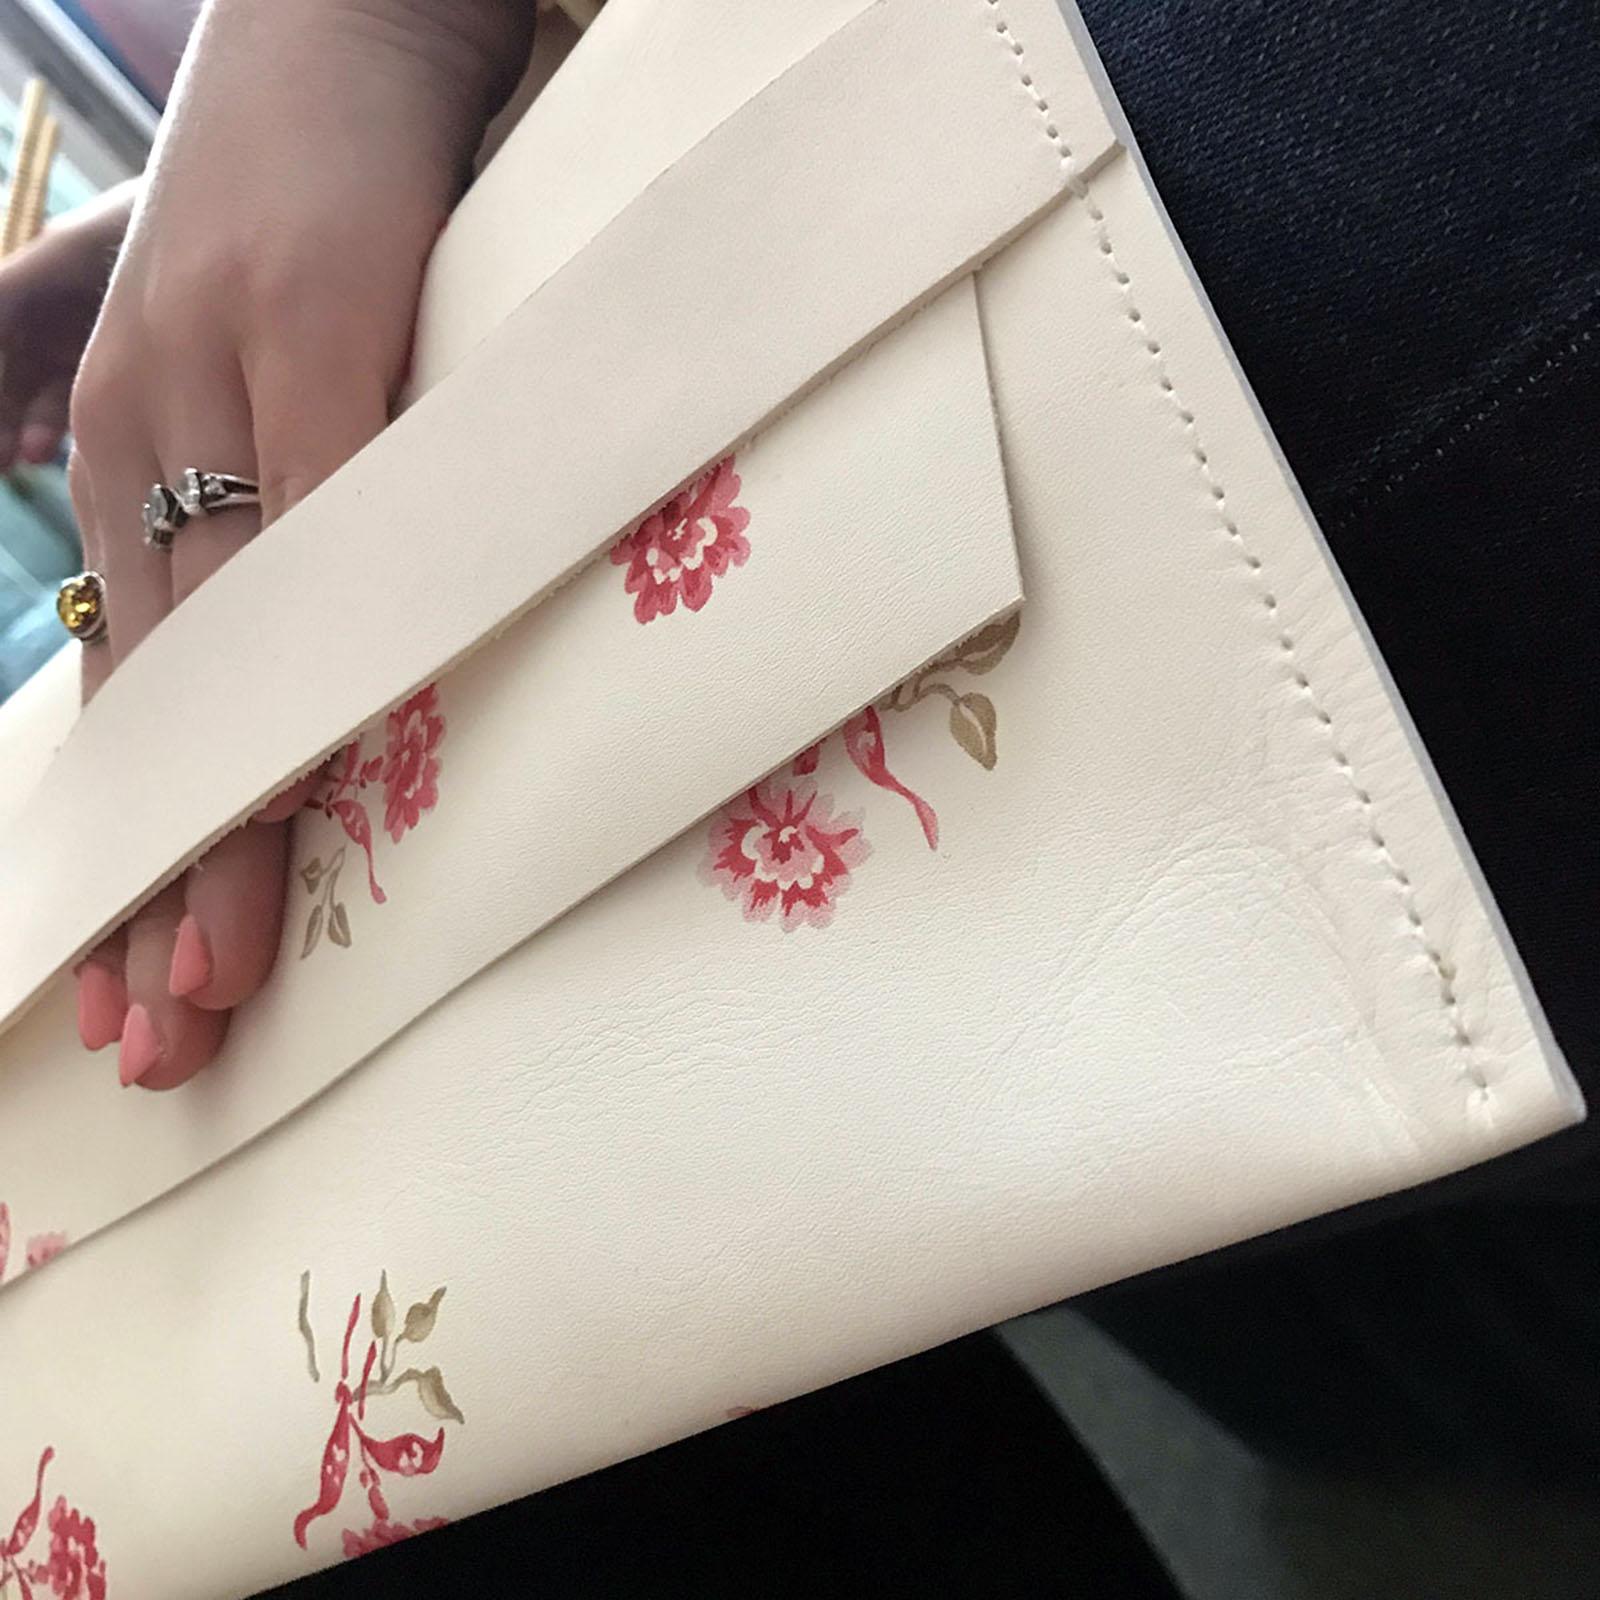 delnine rankine mini rankinukas vestuviu abituriantu  naturalios odos tase moterims  dovanos moterims merginai panelei   moteriskos tases is odos gimtadienio sukaktuviu proga 18